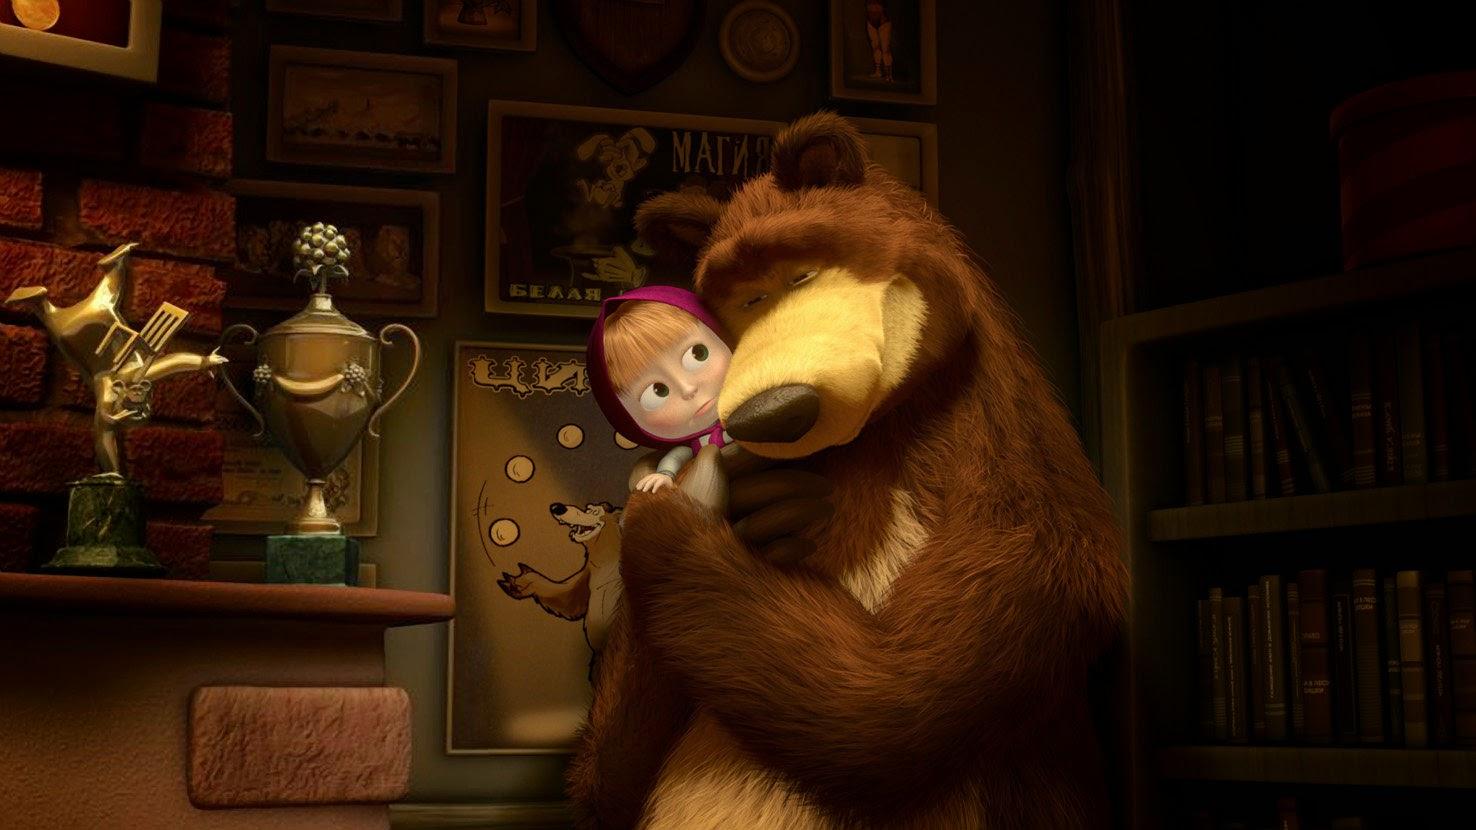 Картинки Маша и Медведь. Маша и Миша - лучшие друзья